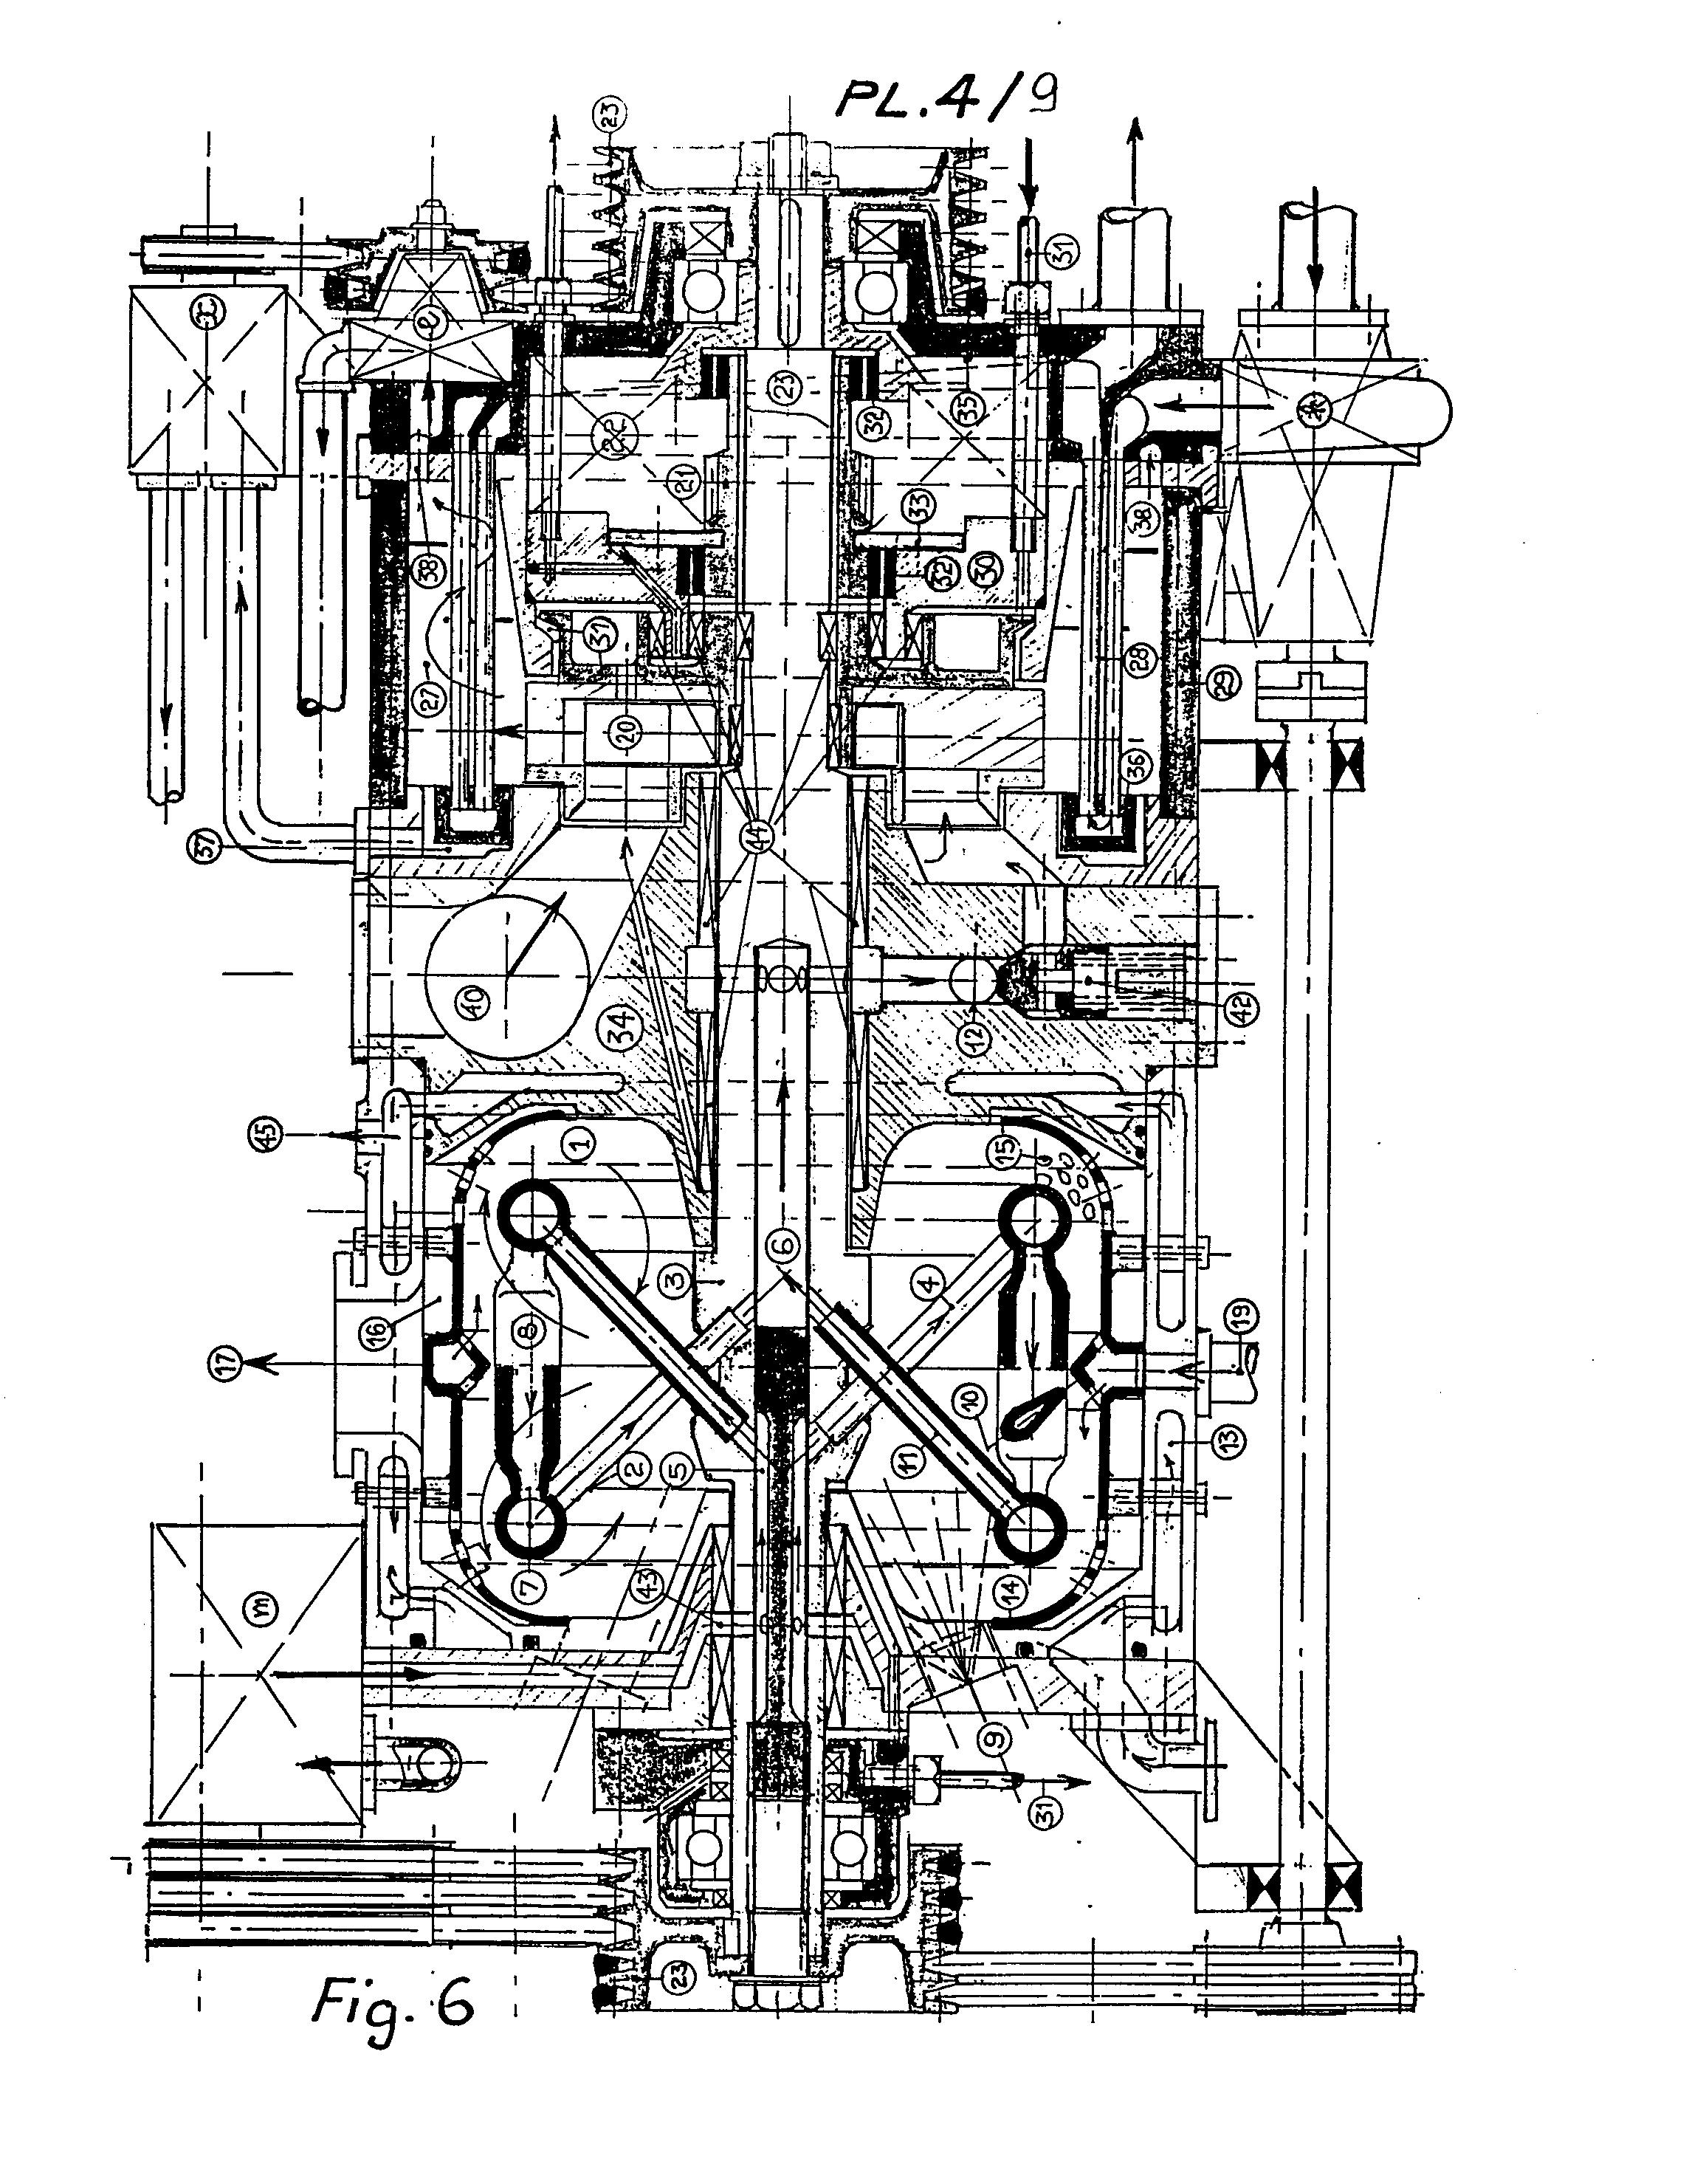 patent ep0143728a1 moteur thermique vapeur pour engin submersible autonome sans. Black Bedroom Furniture Sets. Home Design Ideas